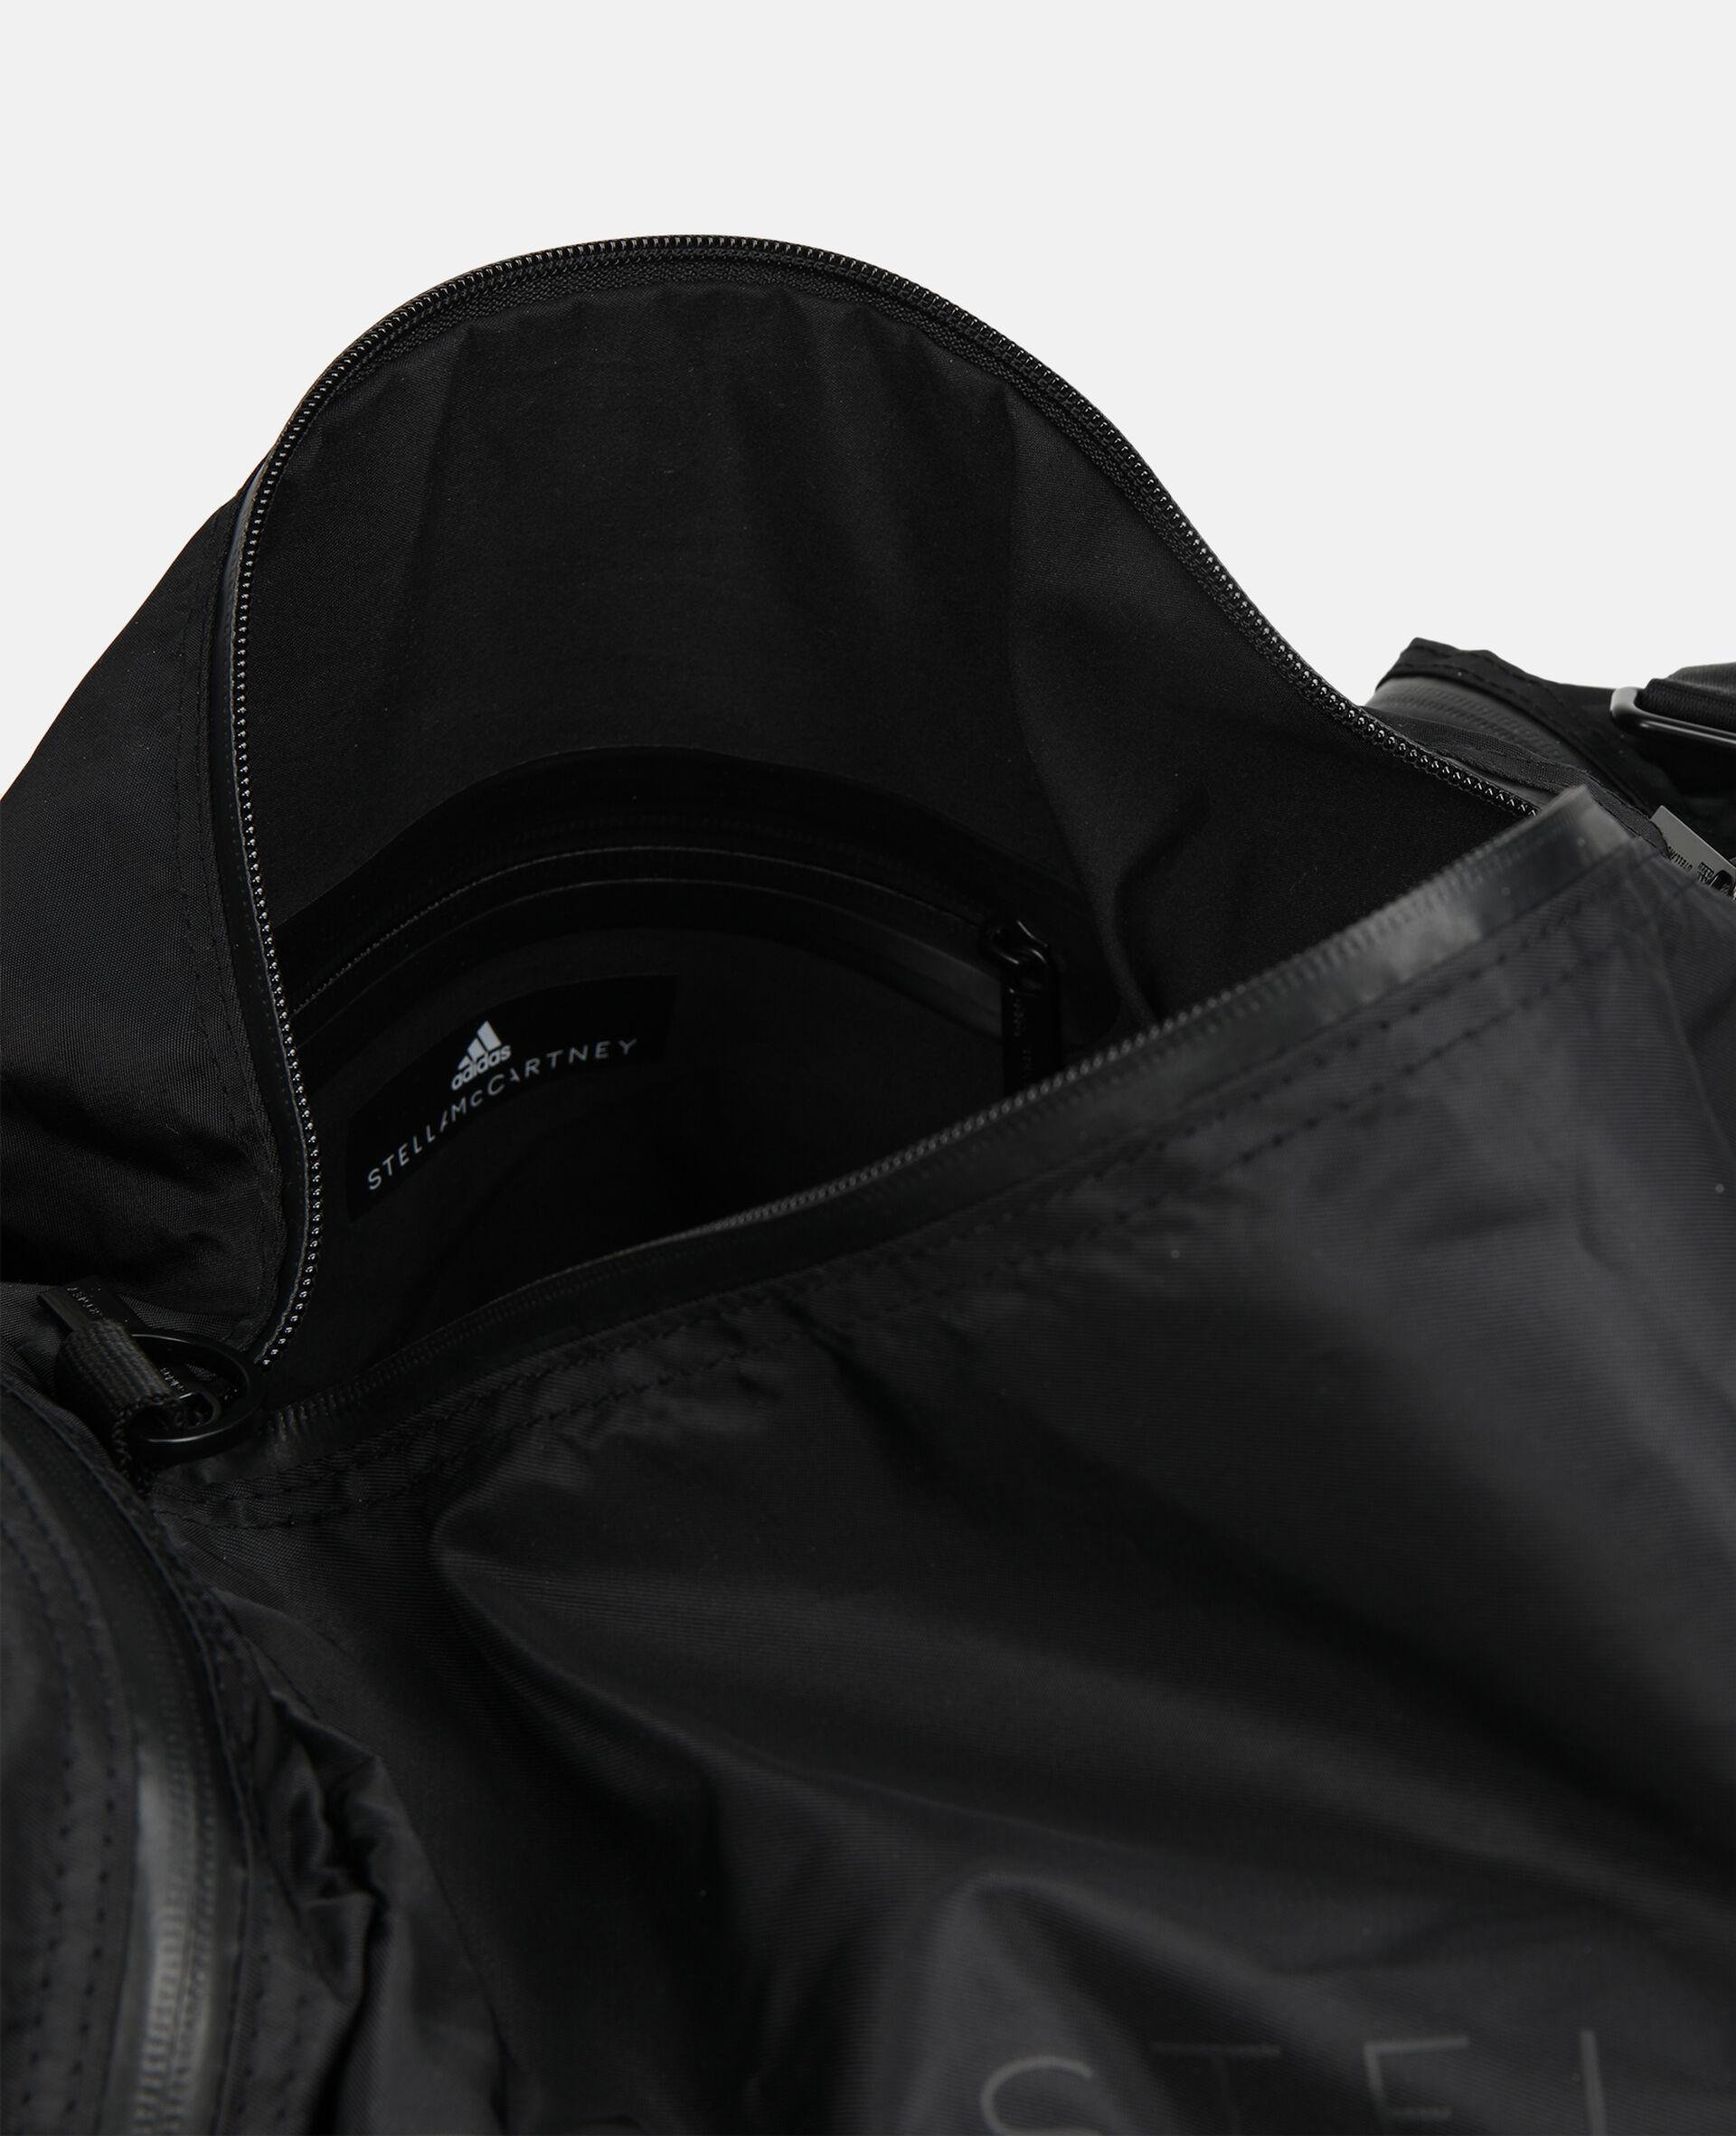 黑色方形 Studio 包袋-黑色-large image number 2